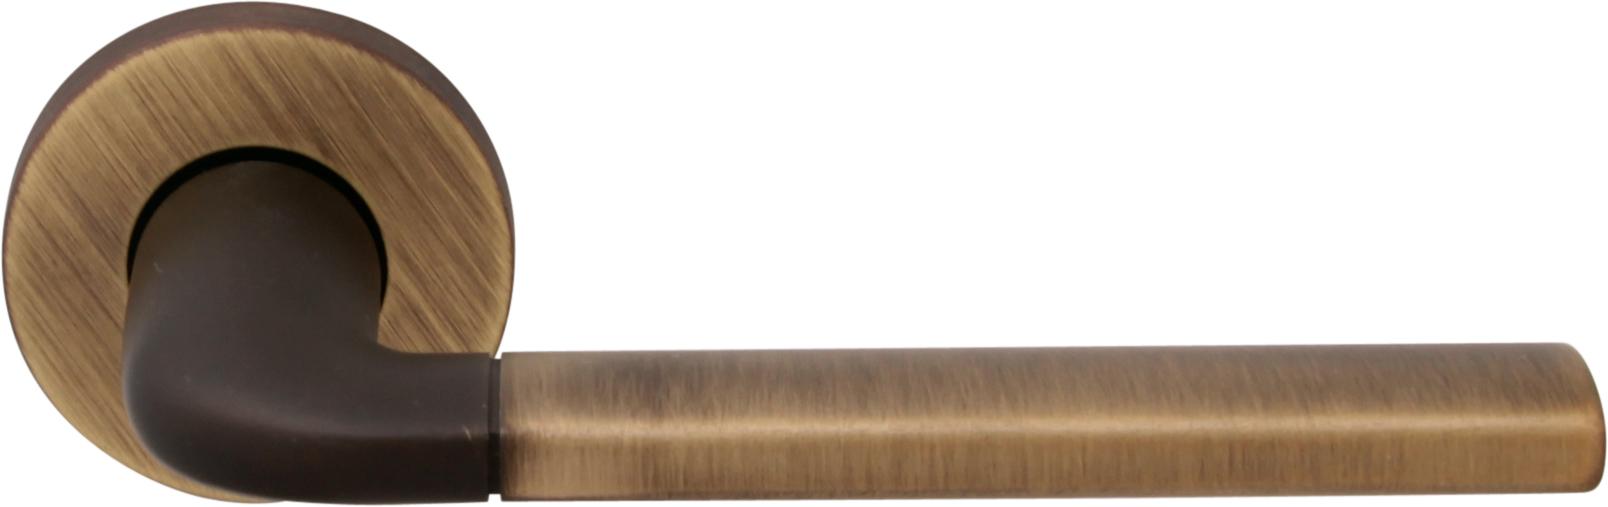 Дверная ручка на круглой розетке 158 R MILLY2 MAB (50PVC)